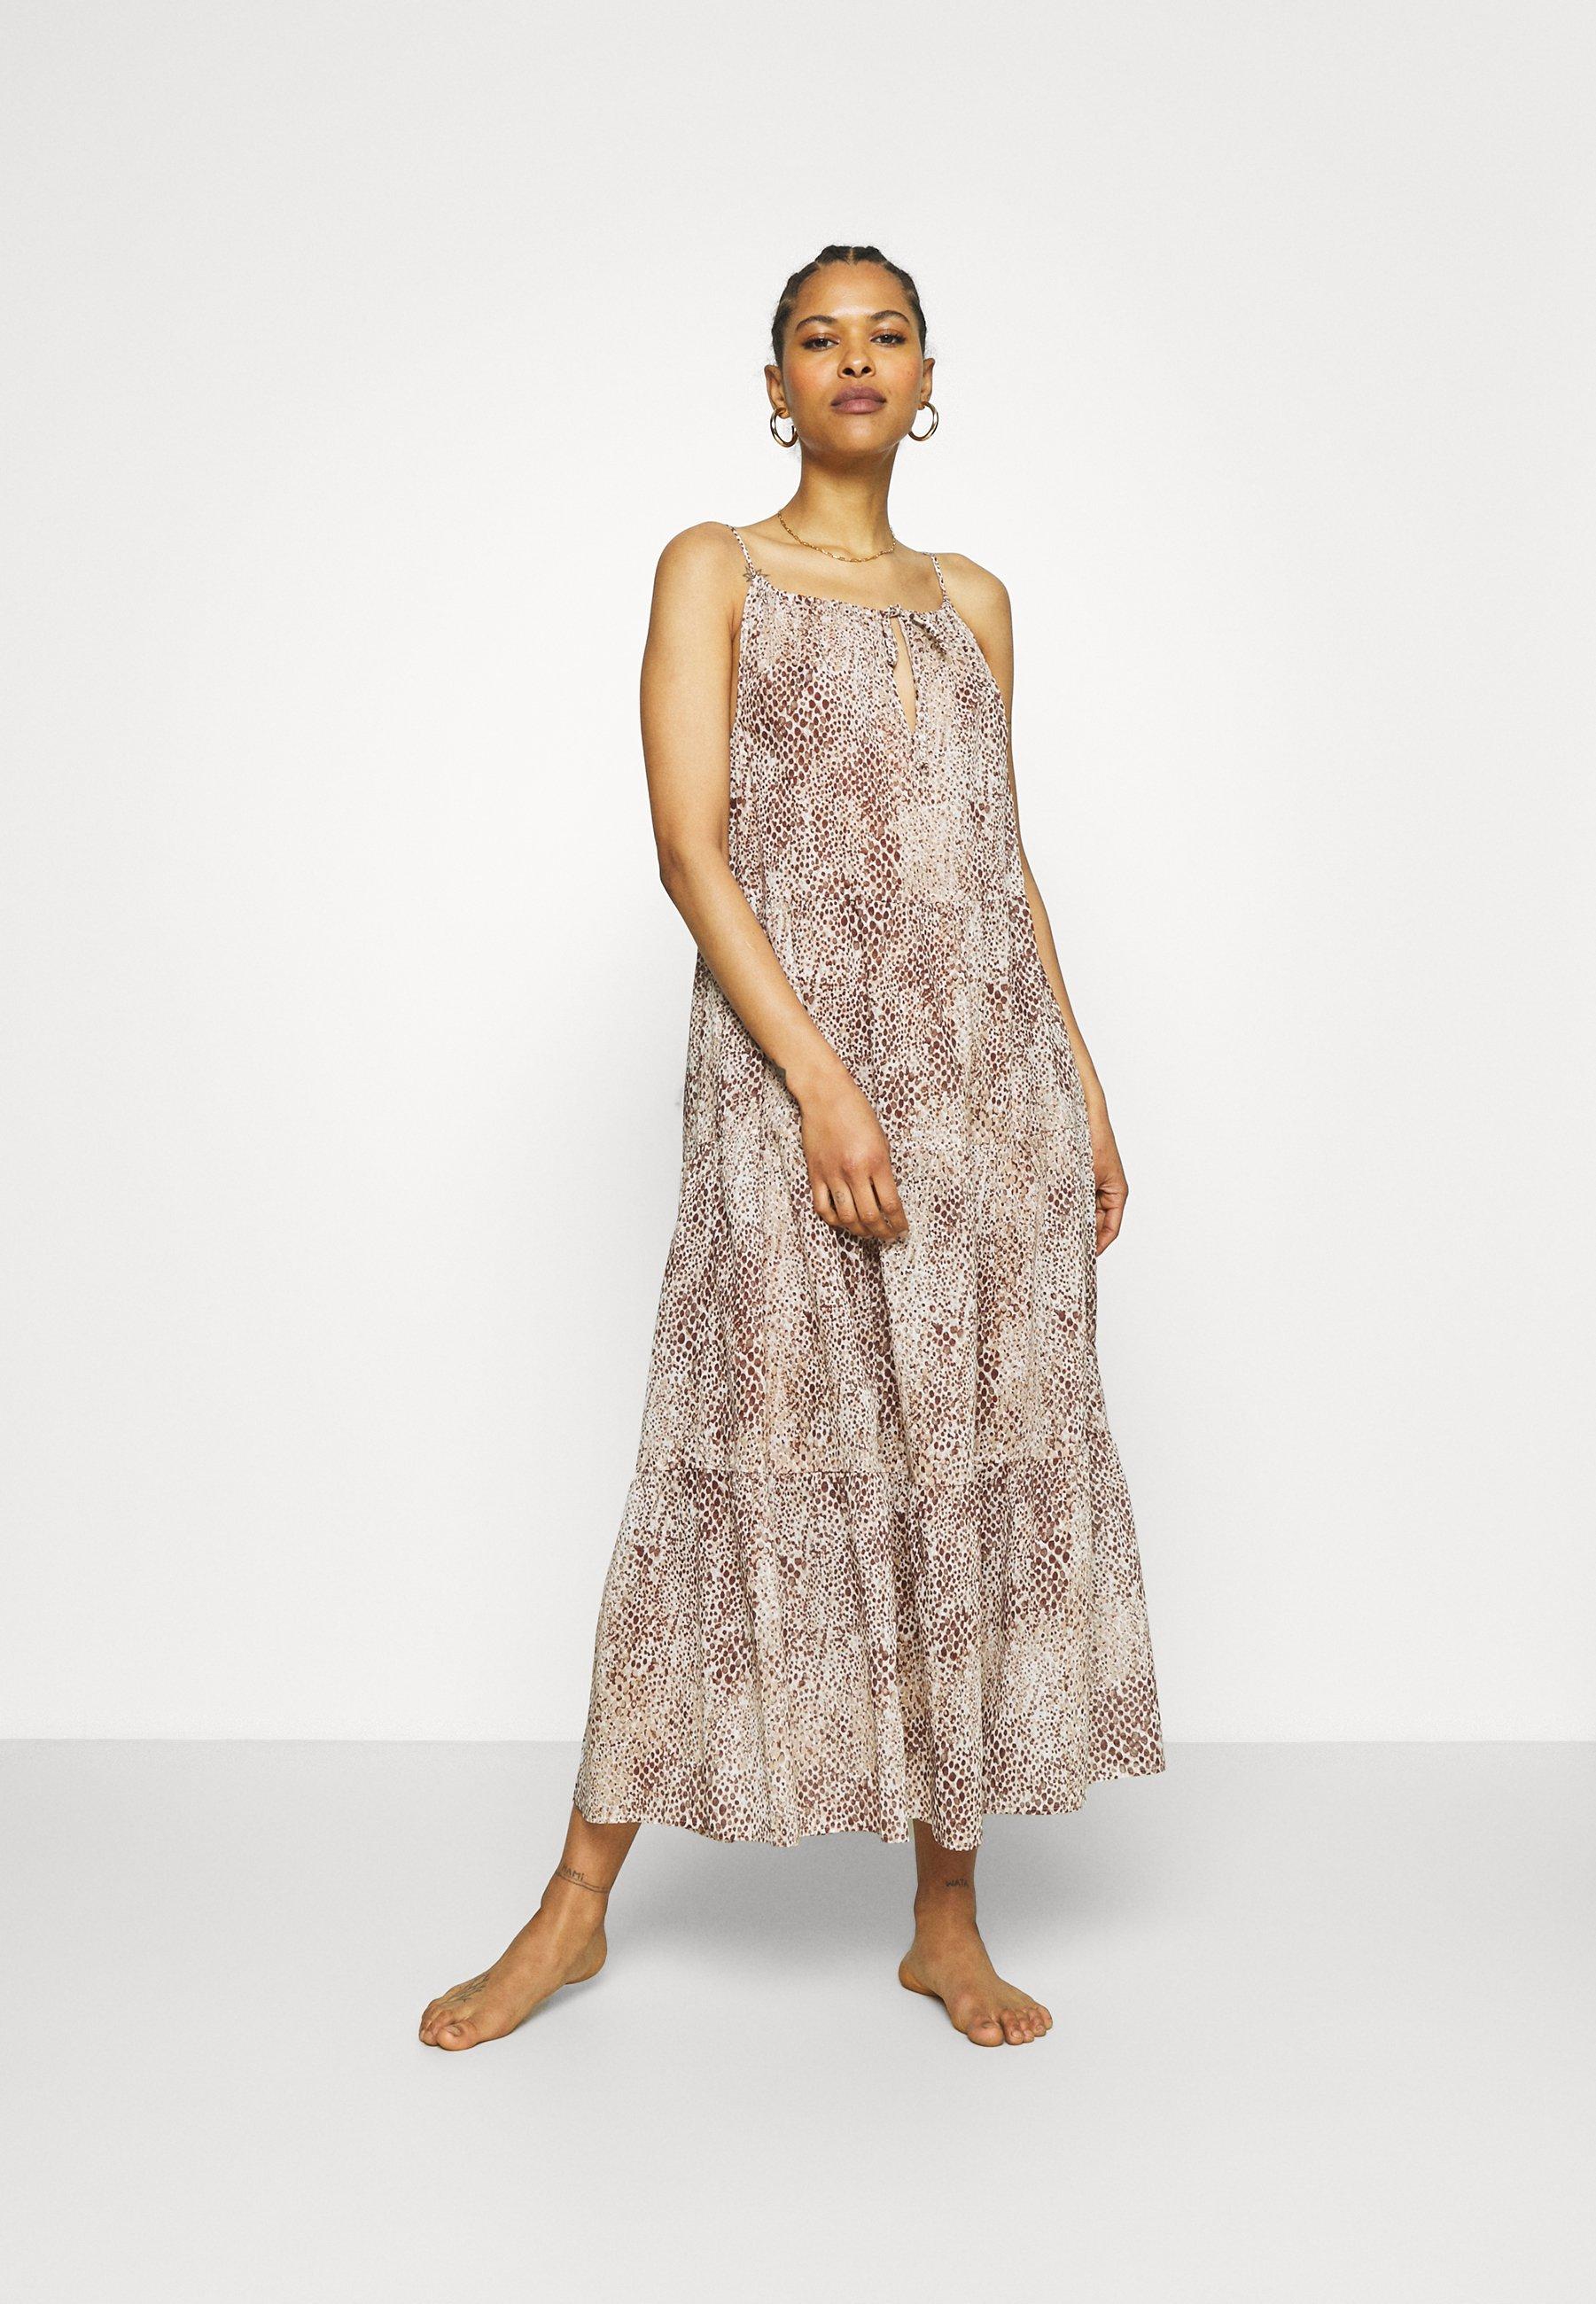 Donna SERPENTINE TIERED DRESS - Accessorio da spiaggia